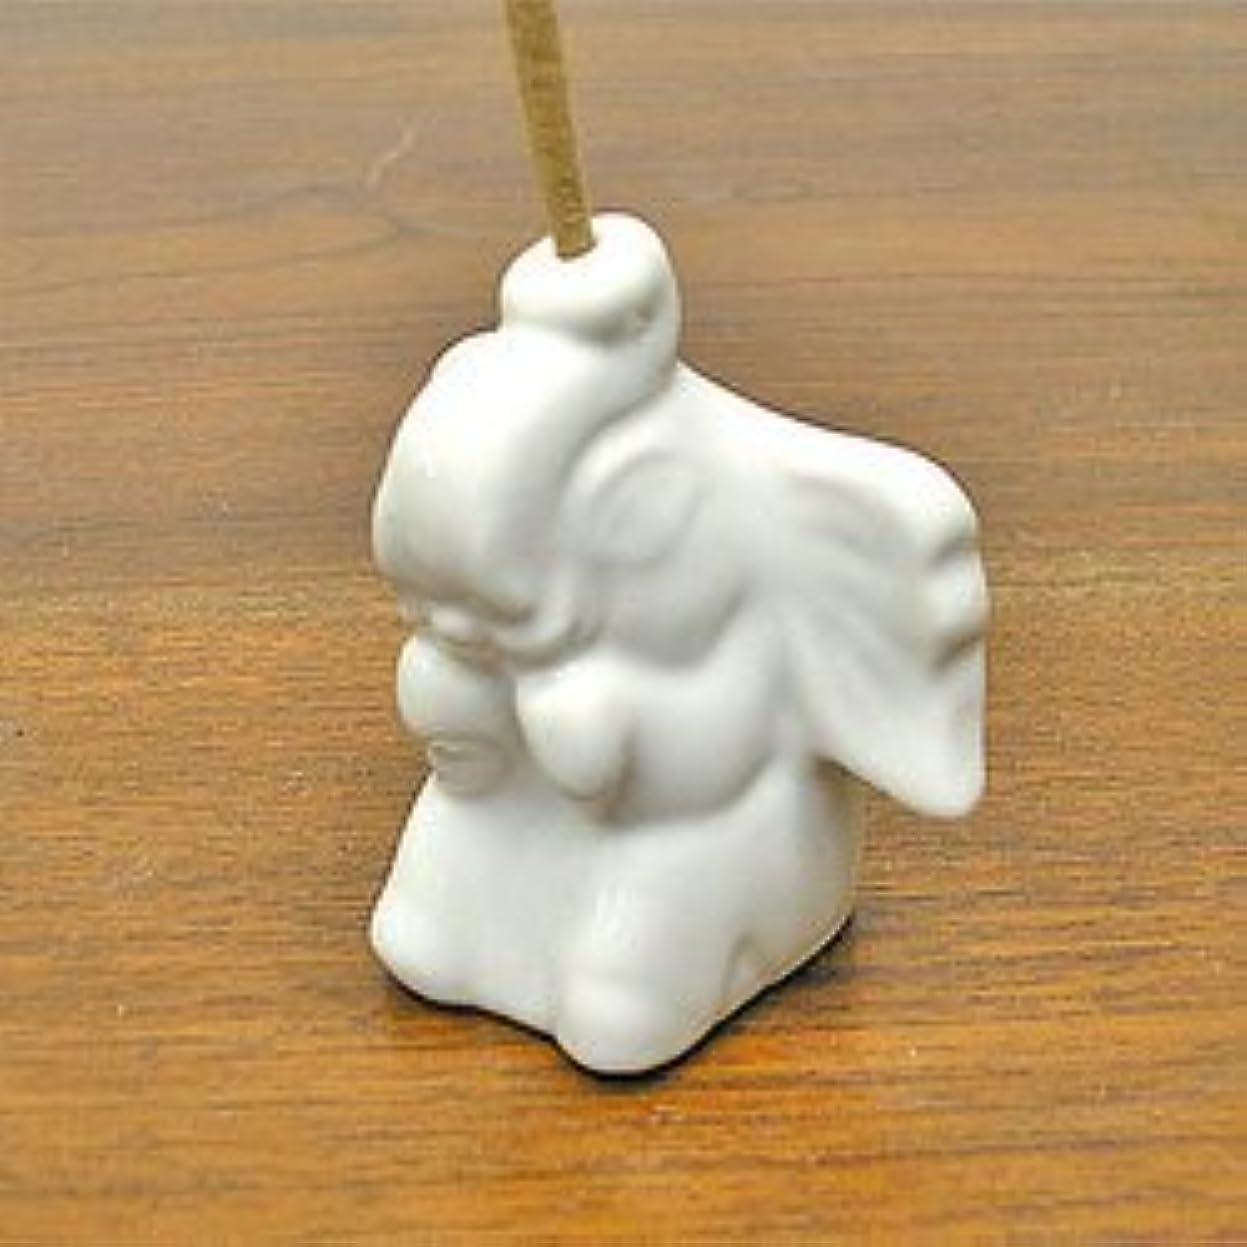 男帳面羊象さんのお香立て <白> インセンスホルダー/スティックタイプ用お香立て?お香たて アジアン雑貨